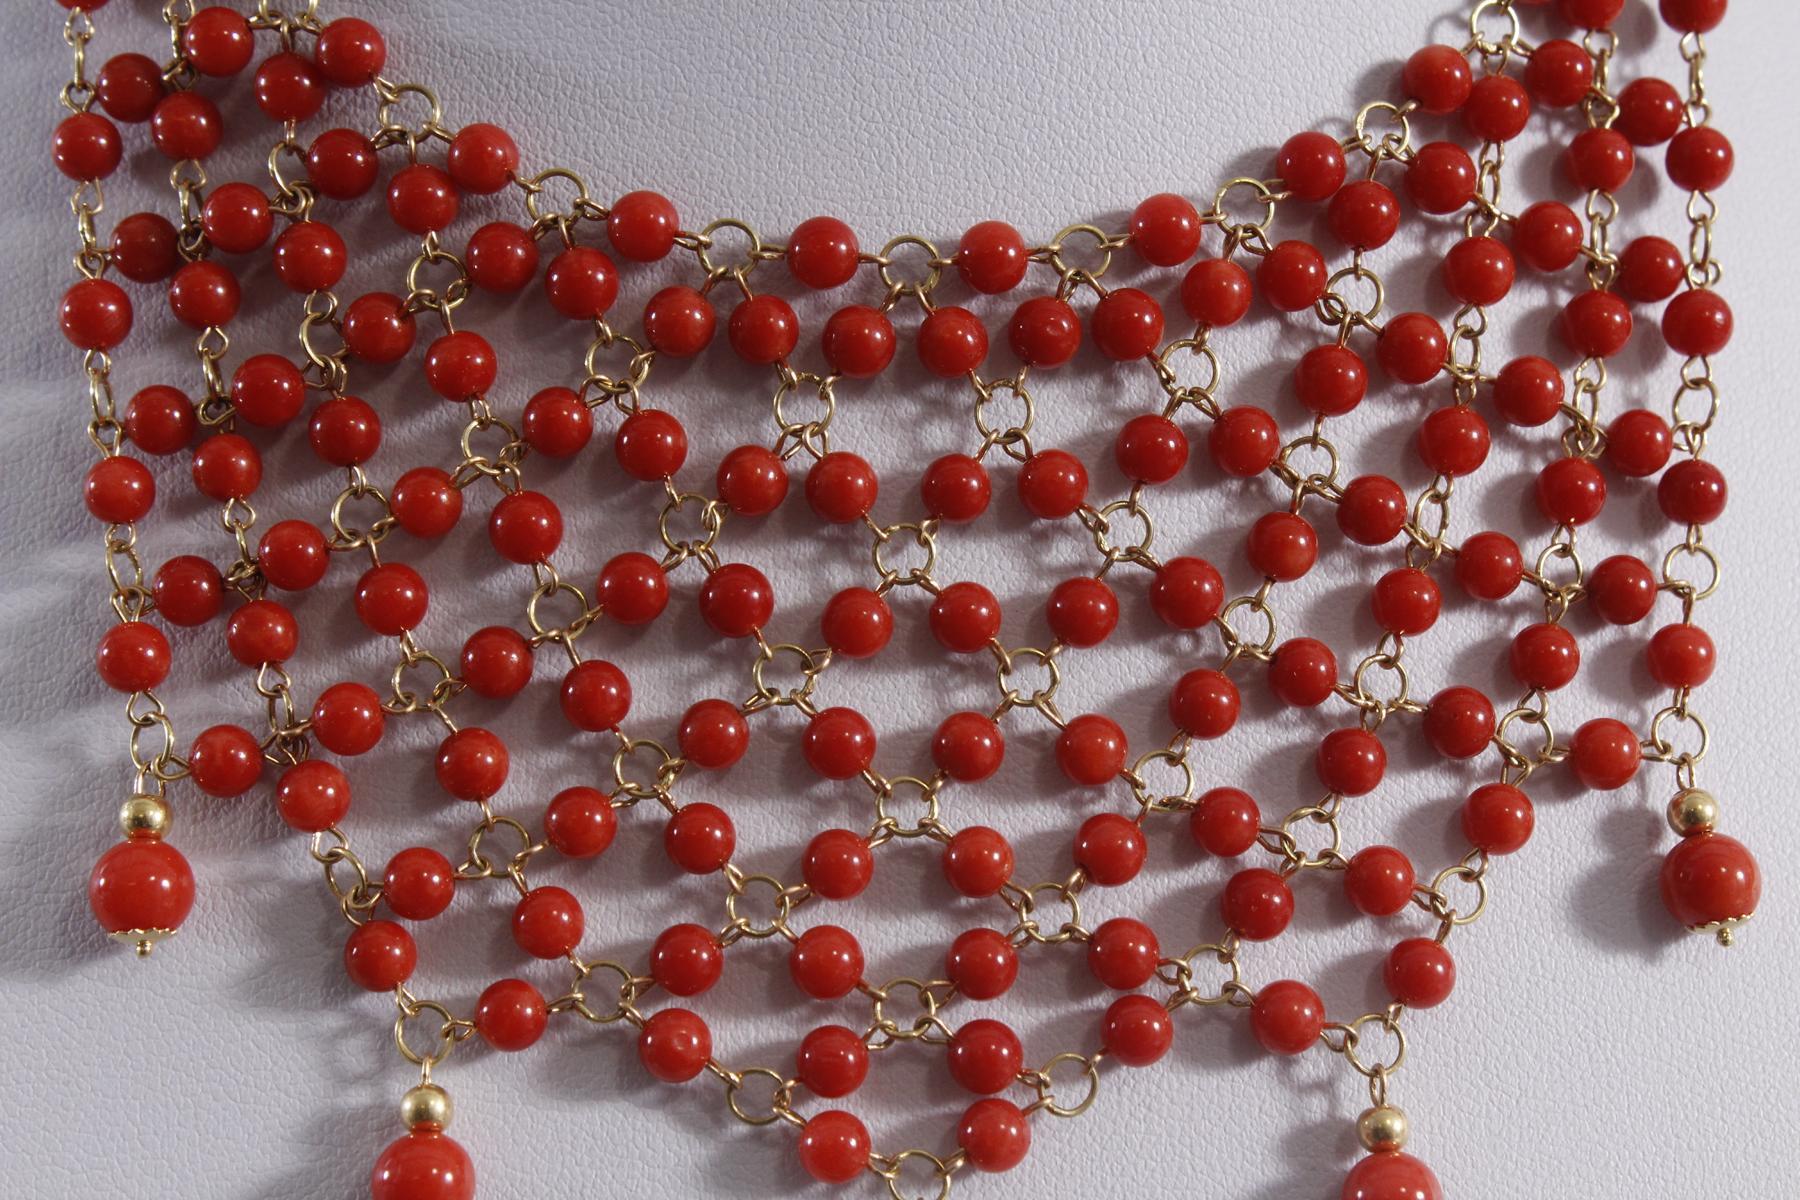 Collier mit roten Korallenkugeln aus 18 Karat Gelbgold-2